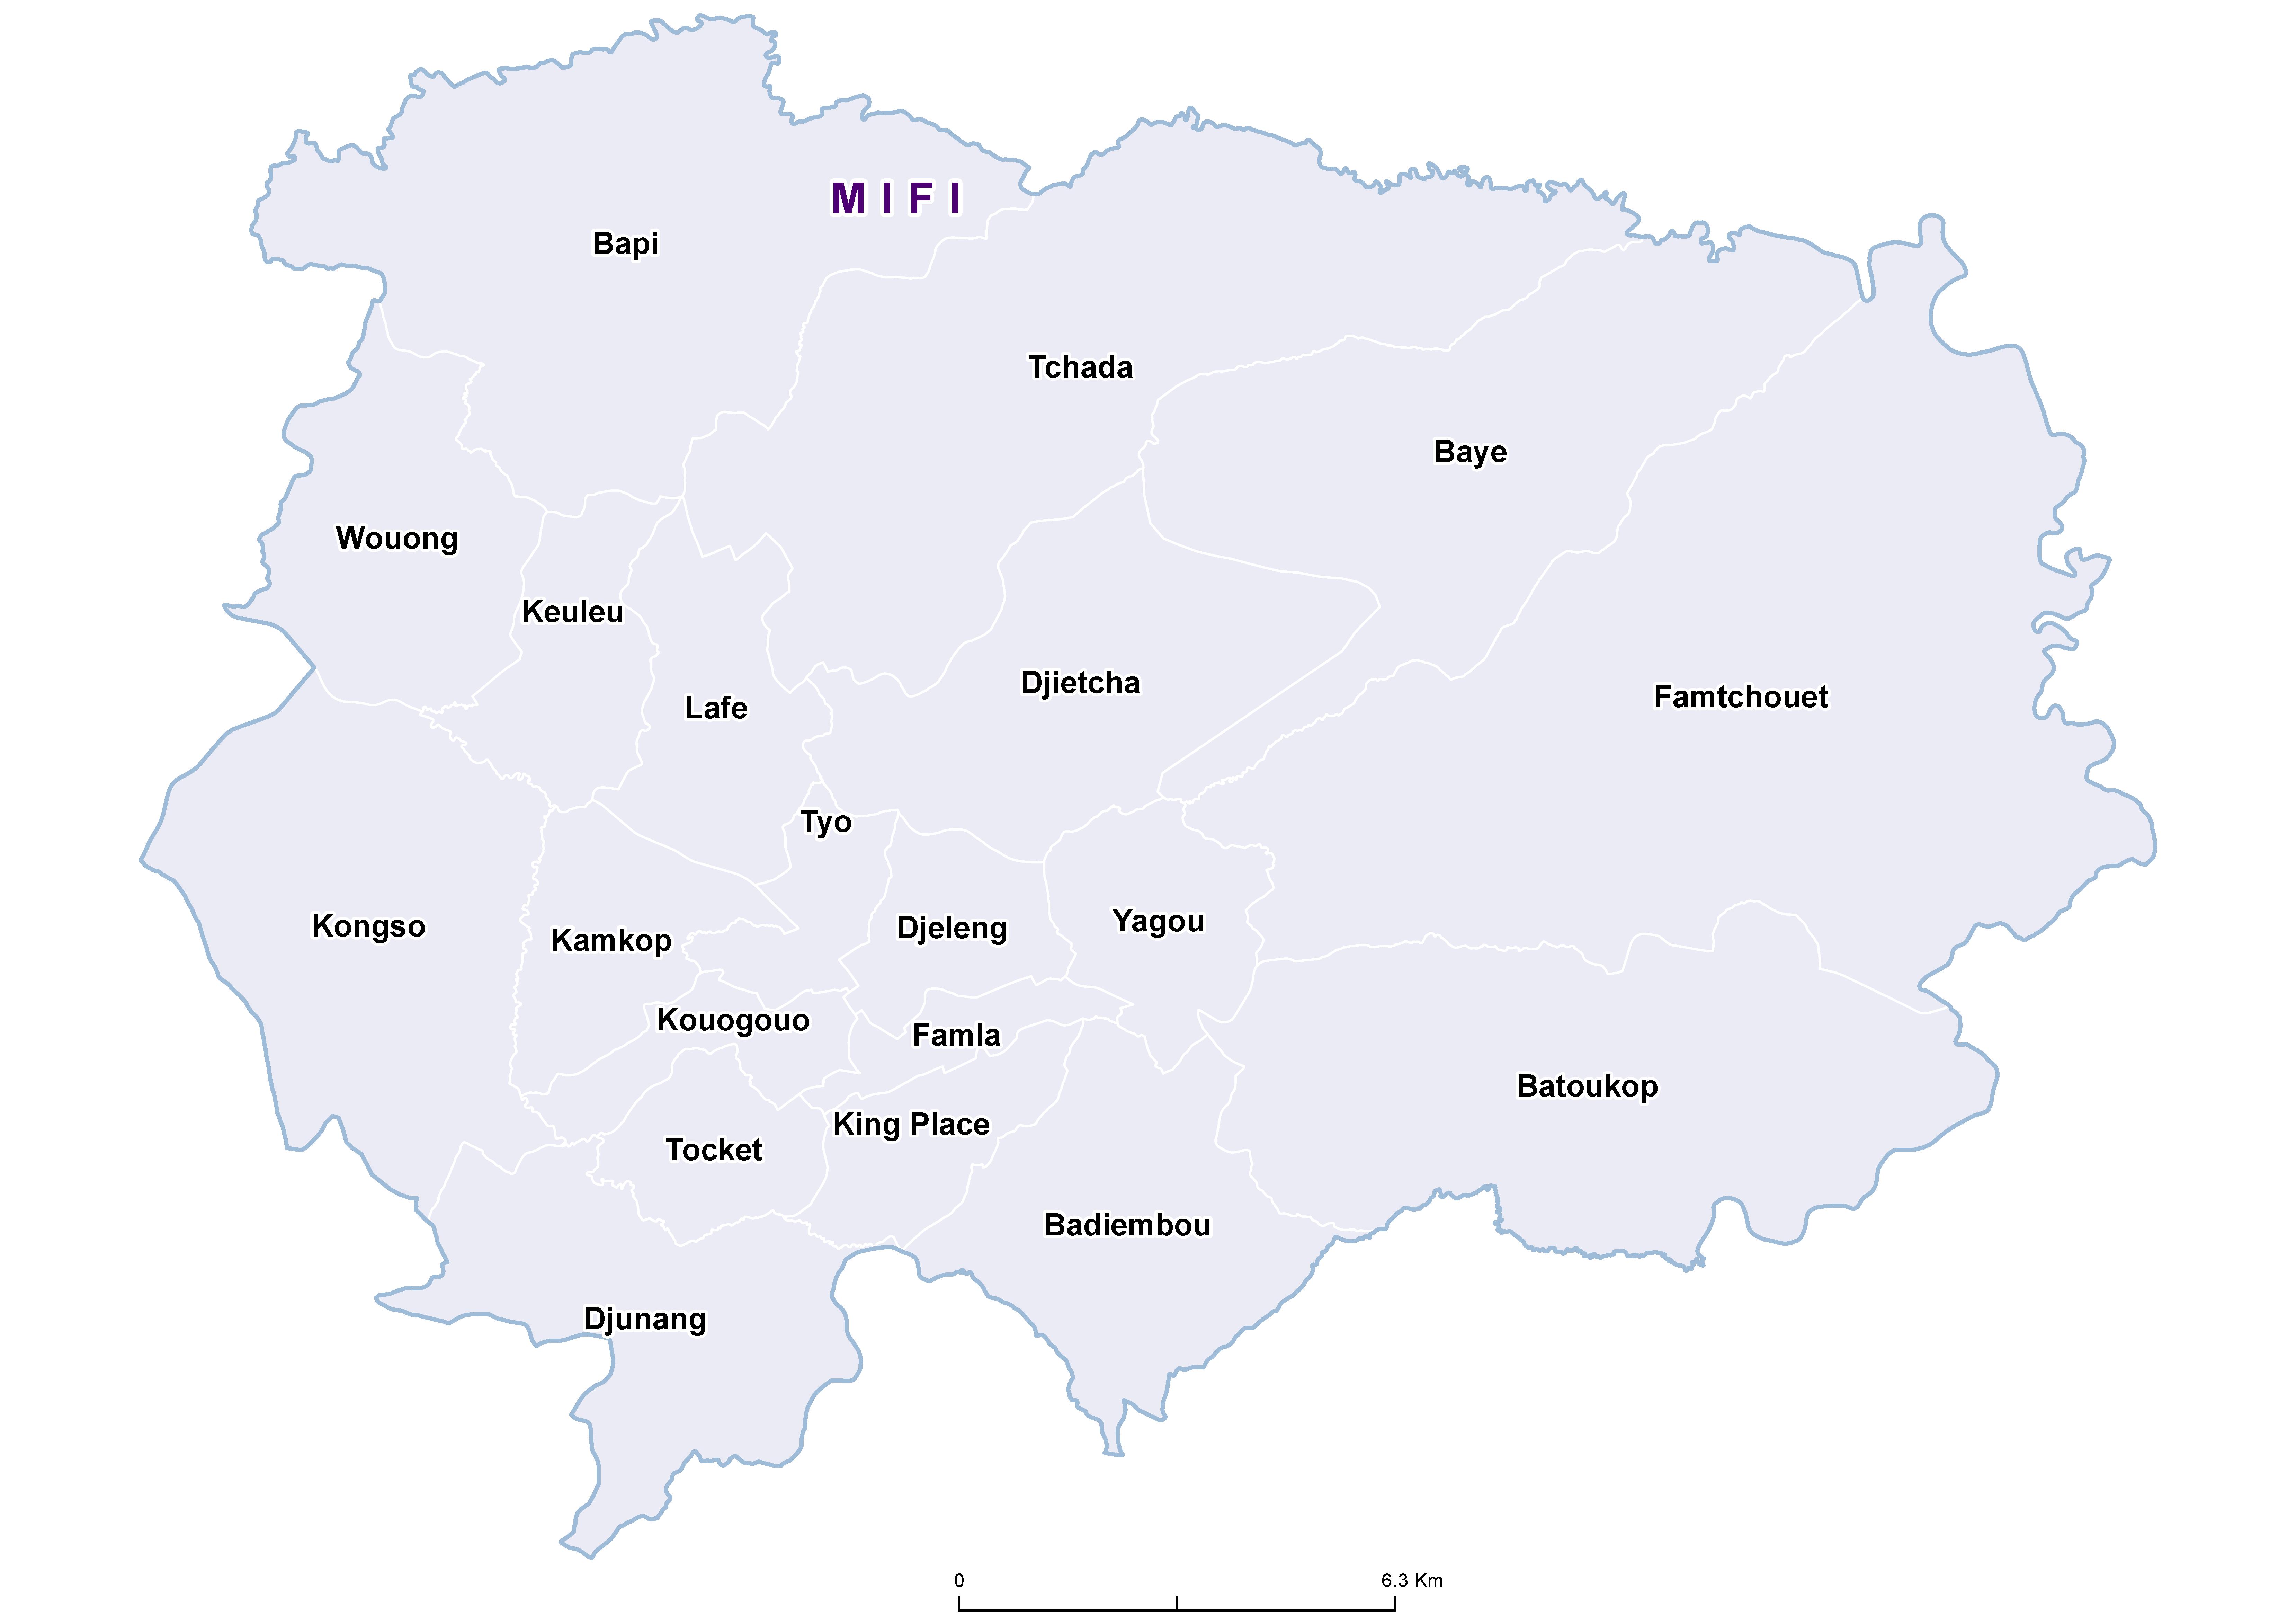 Mifi SCH 20180001